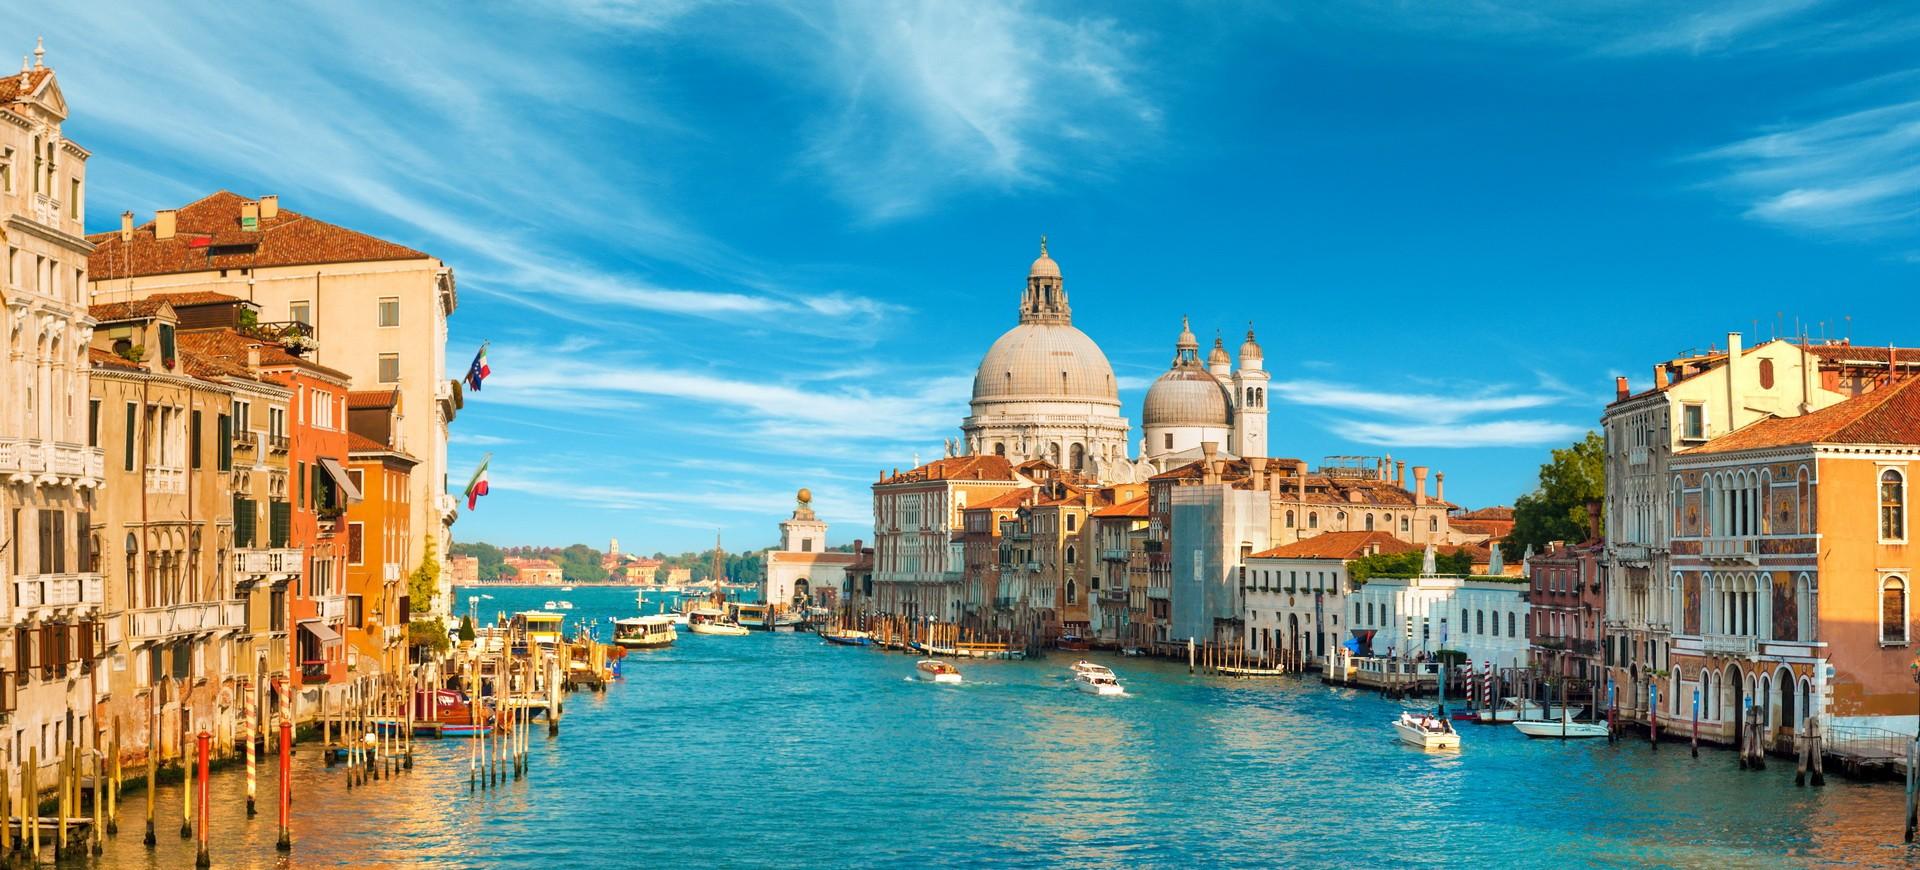 Grand Canale à Venise